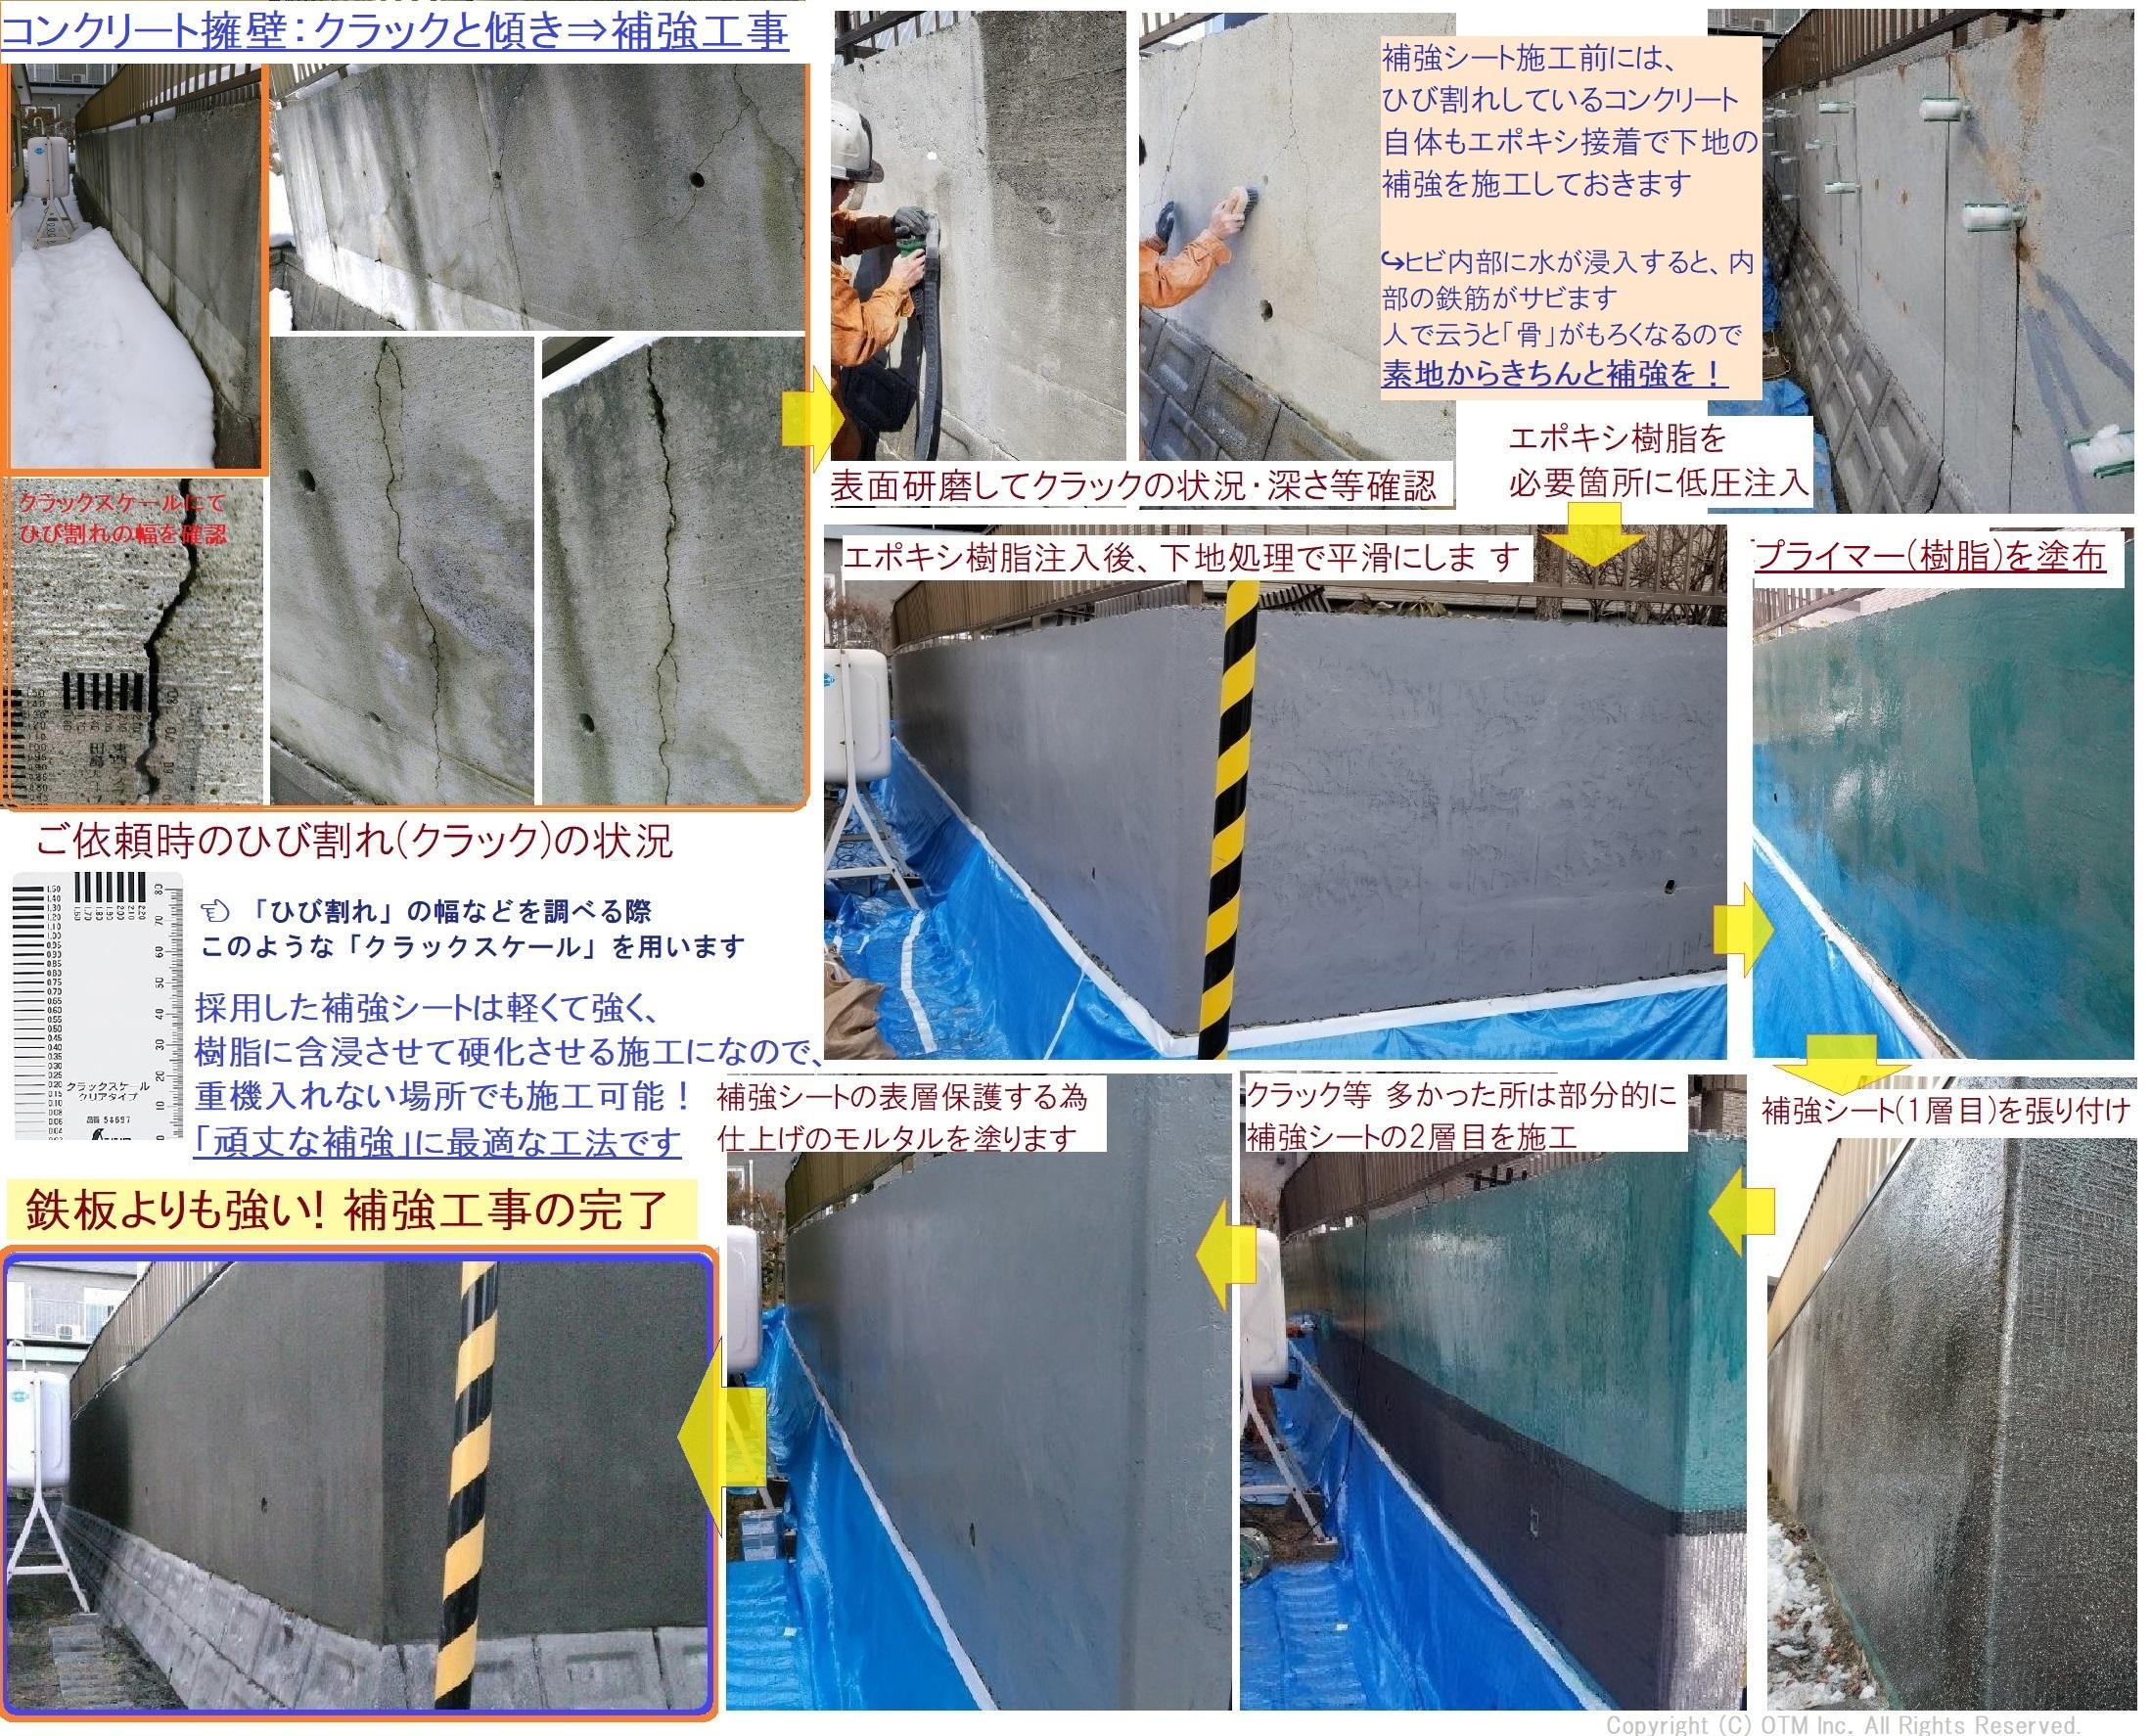 既存コンクリート擁壁のクラック・傾きの対策工事